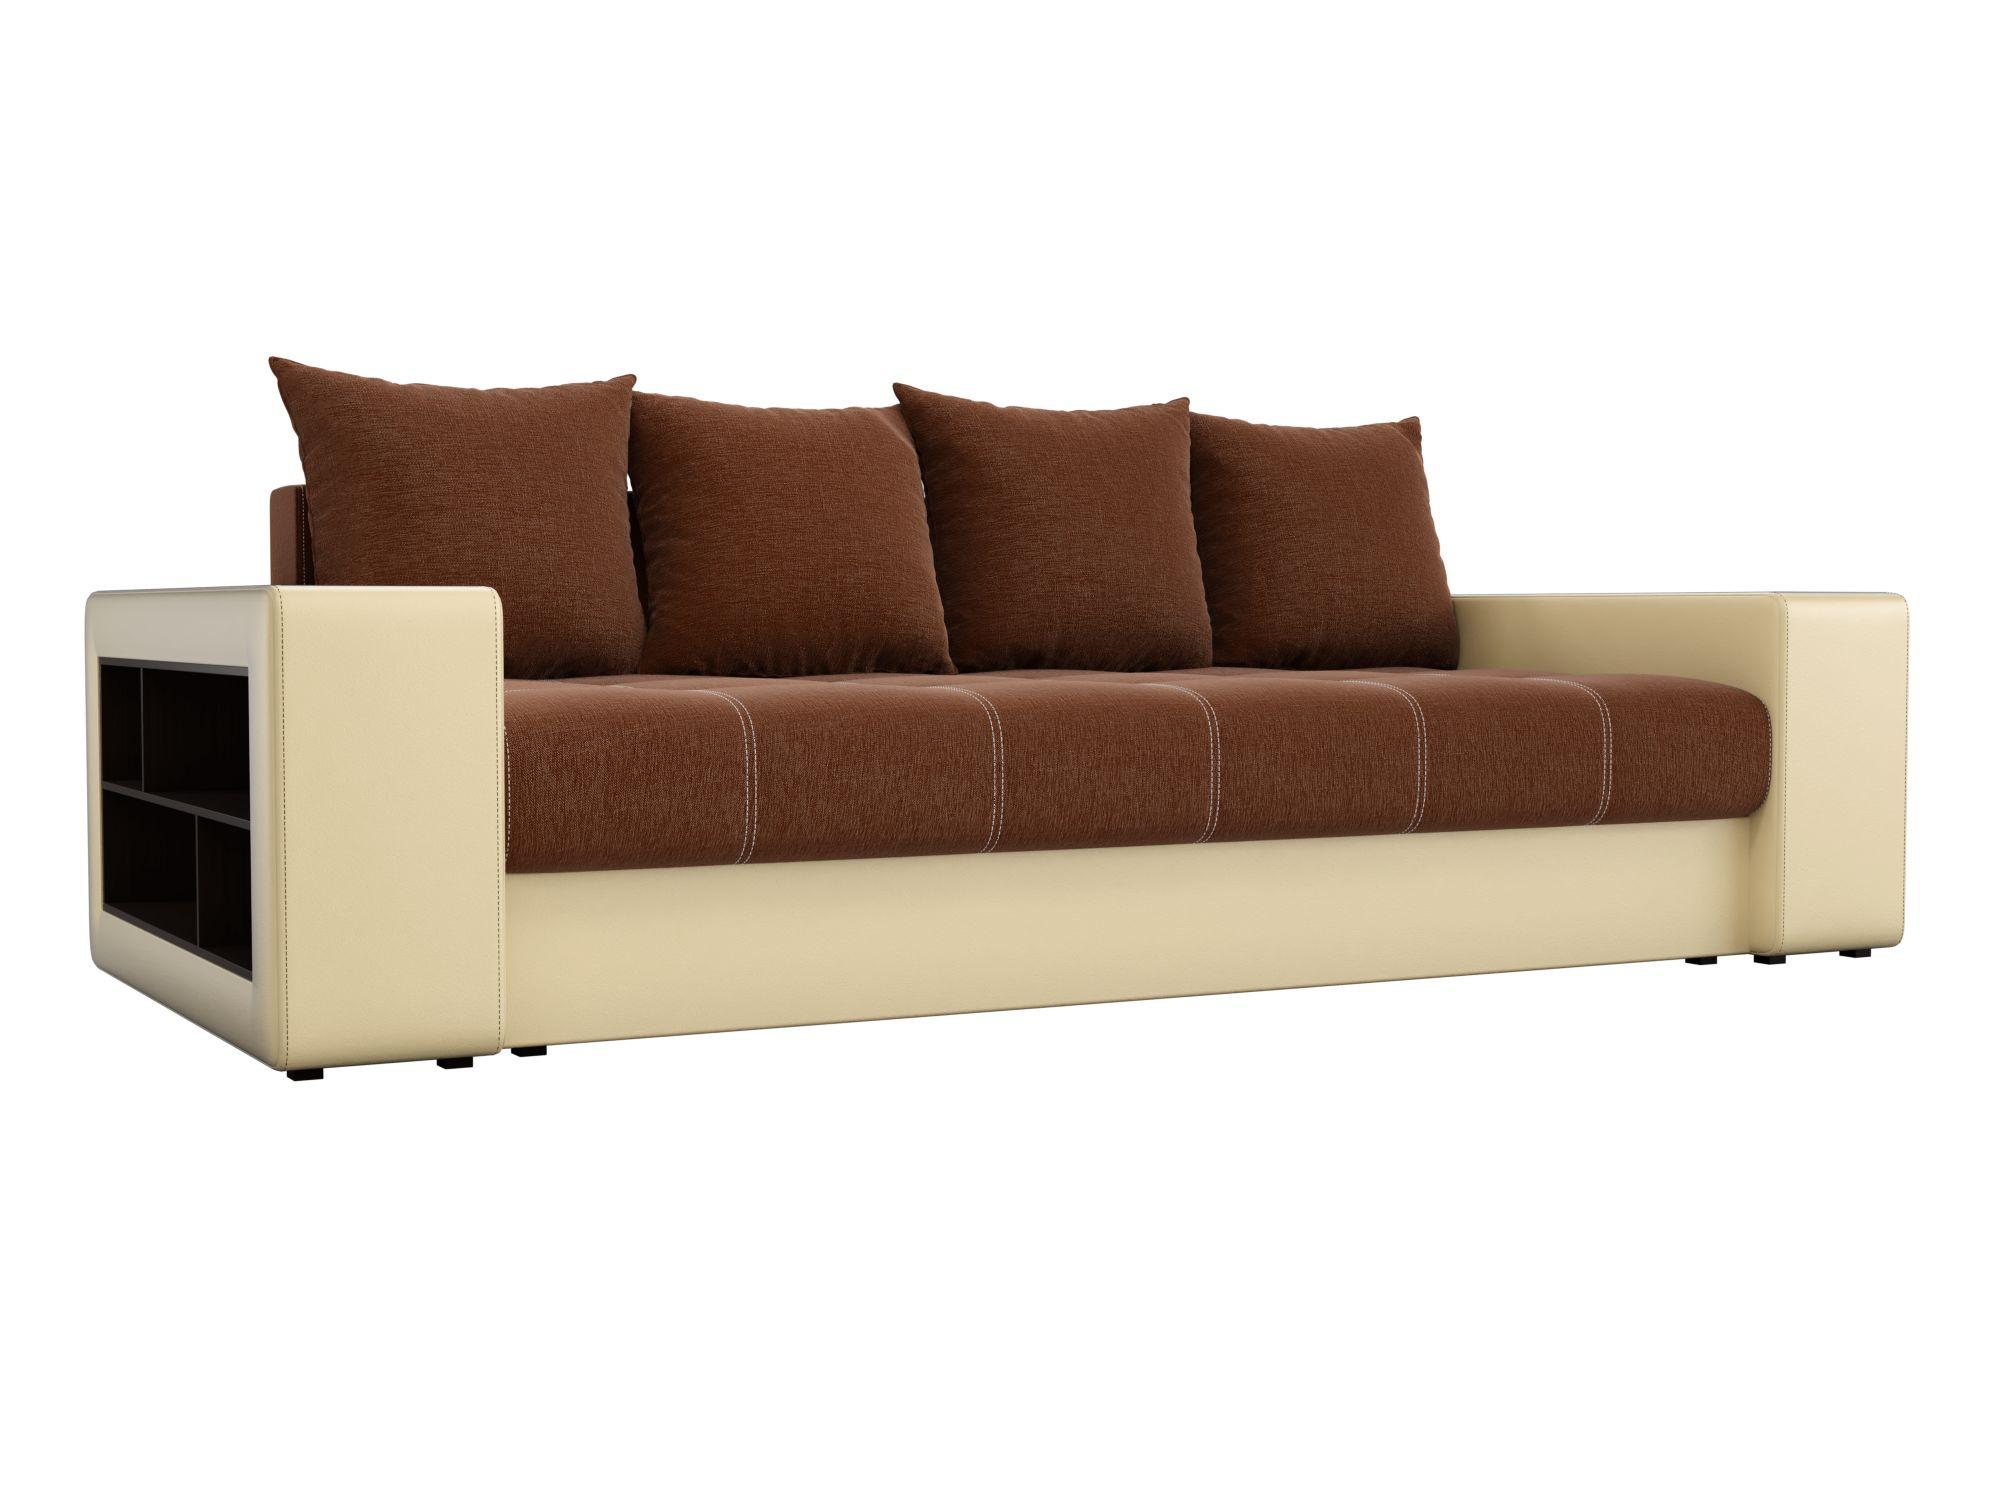 Диван прямой Мебелико Дубай рогожка коричневый/ эко кожа бежевый